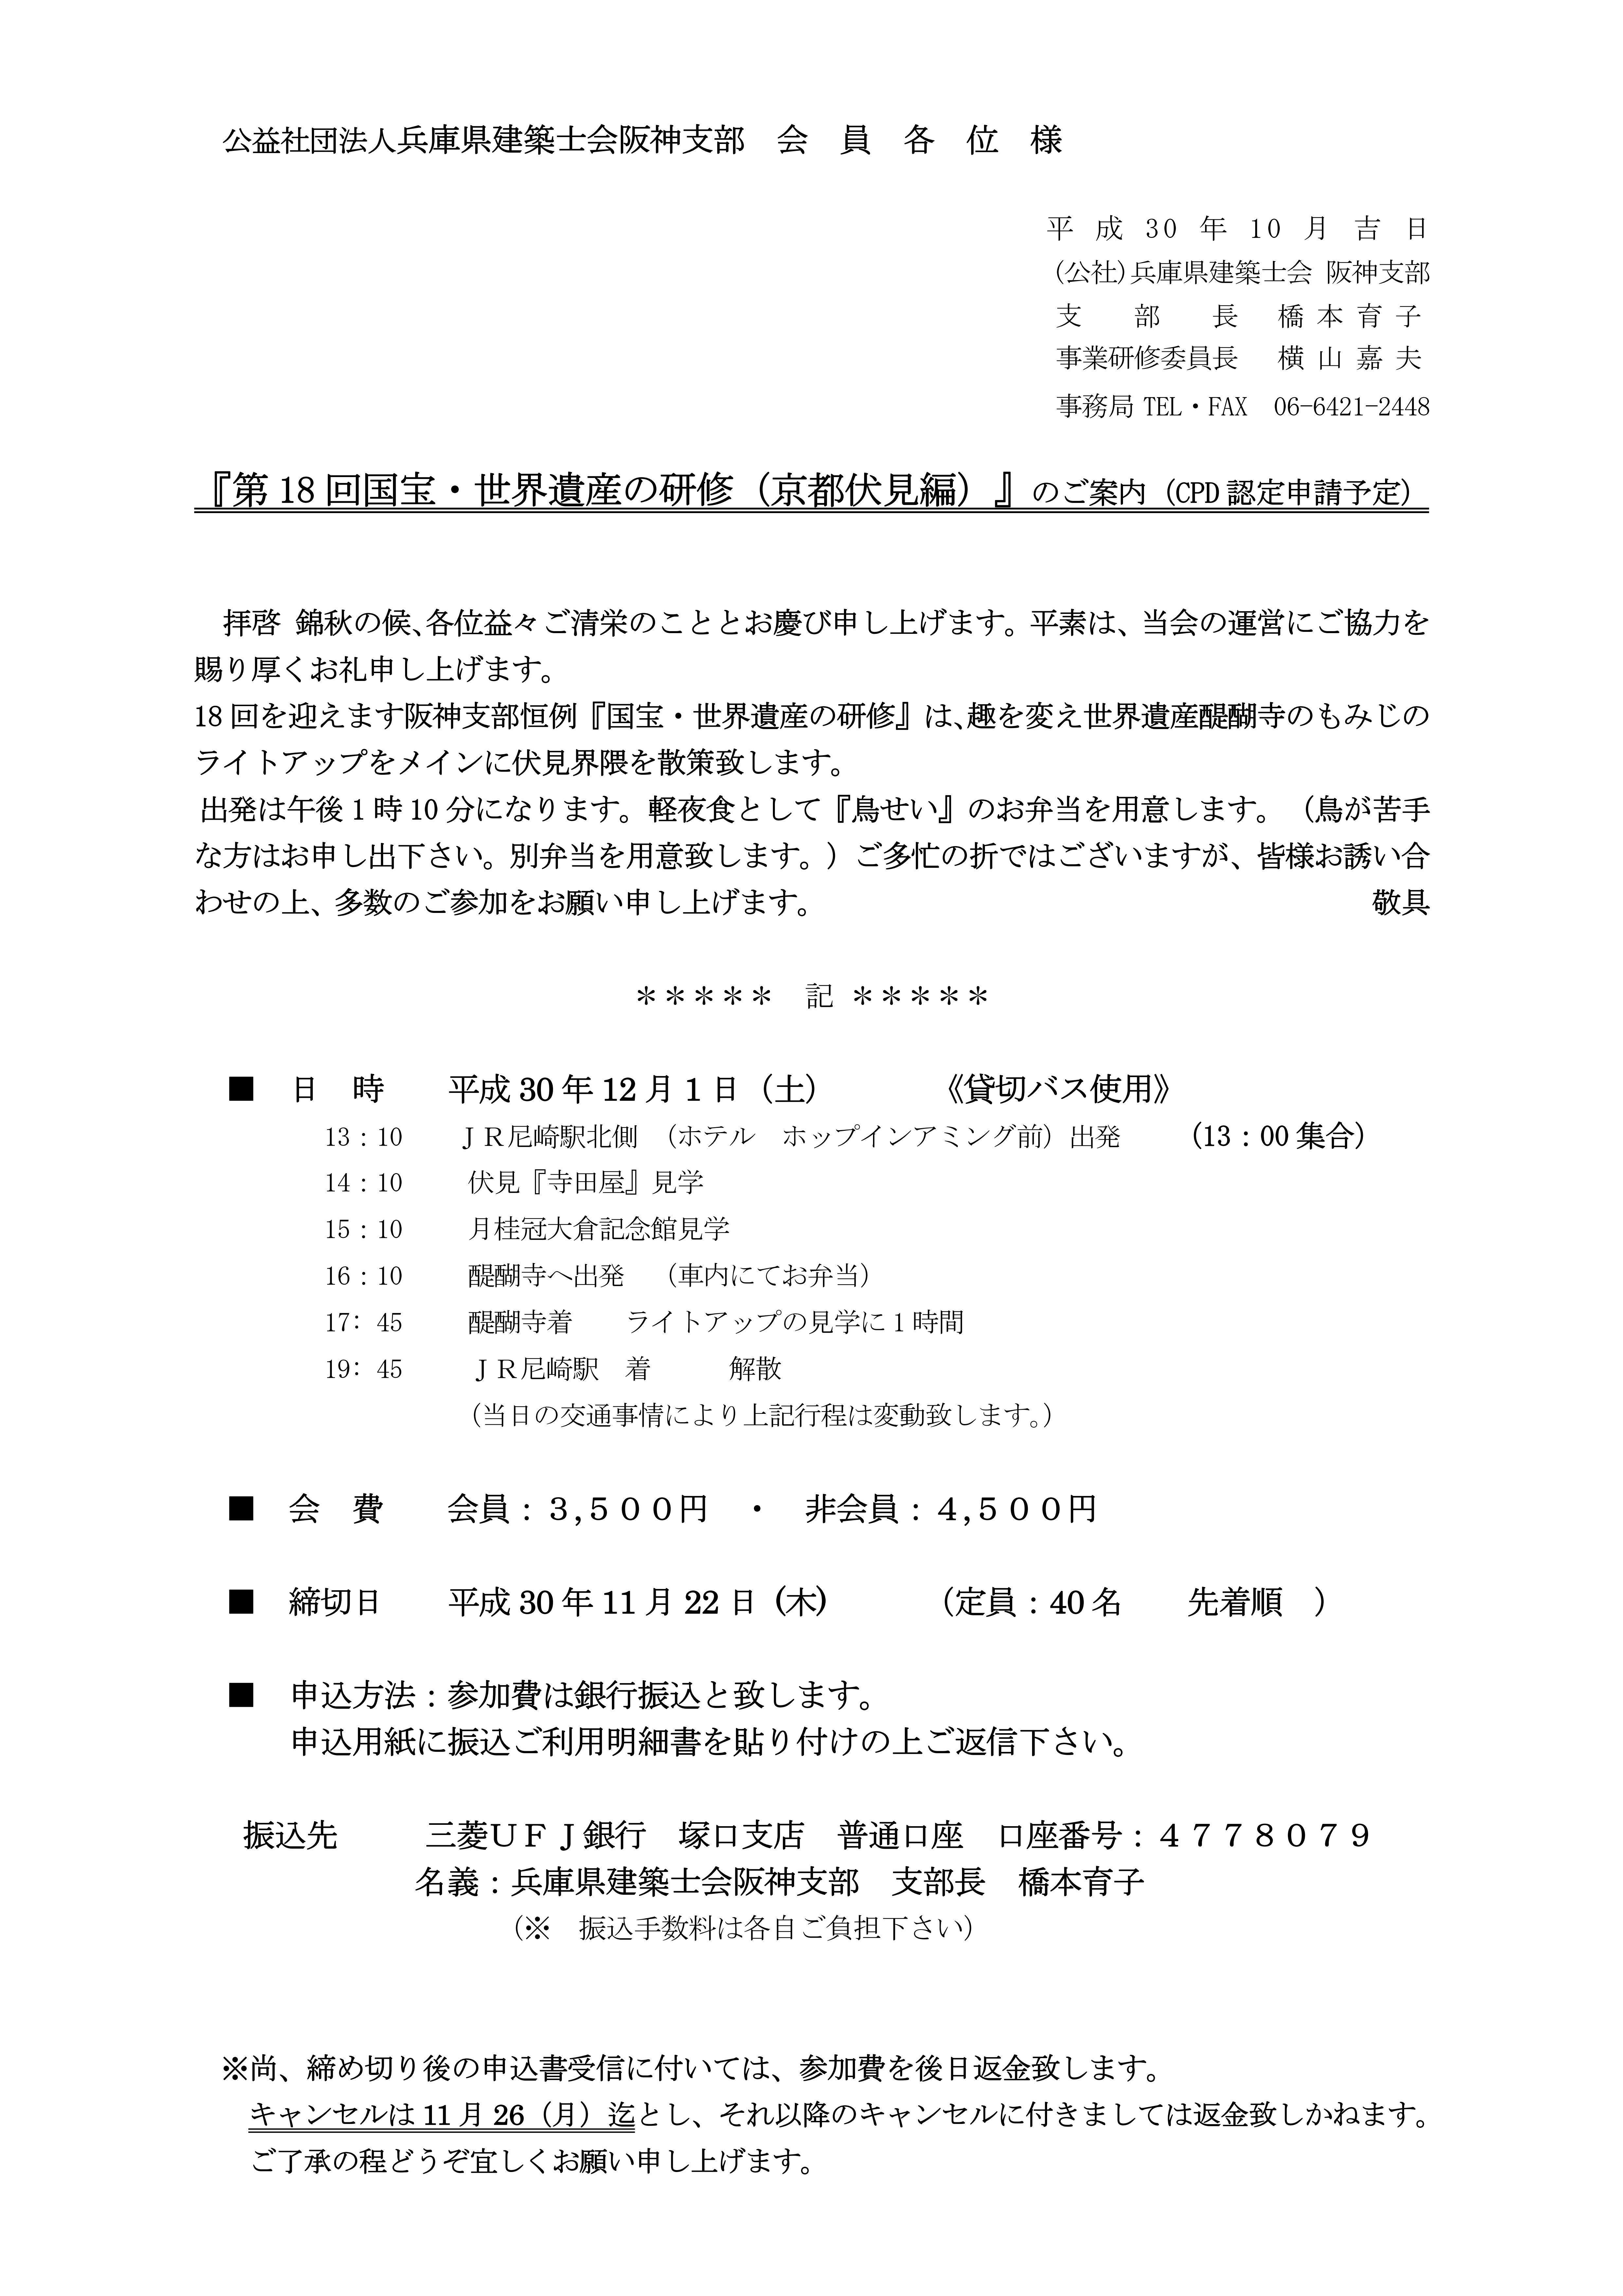 H30第18回国宝・世界遺産(京都伏見編) 詳細案内_01